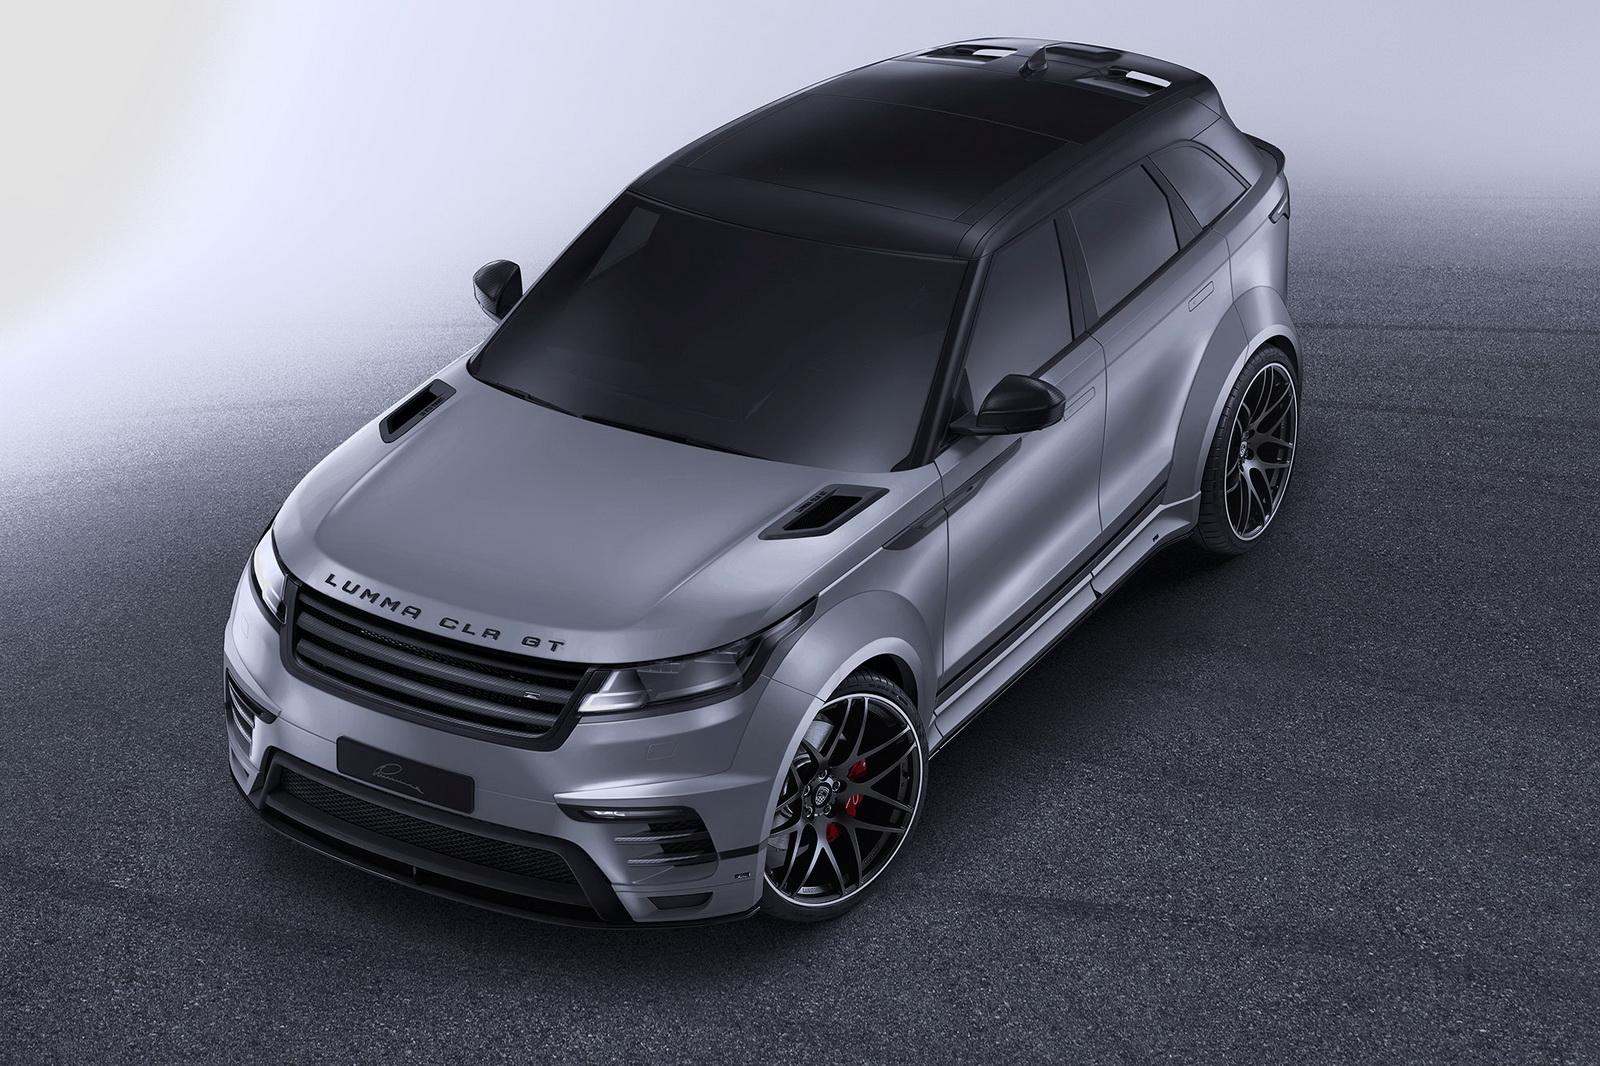 Range_Rover_Velar_By_Lumma_0000